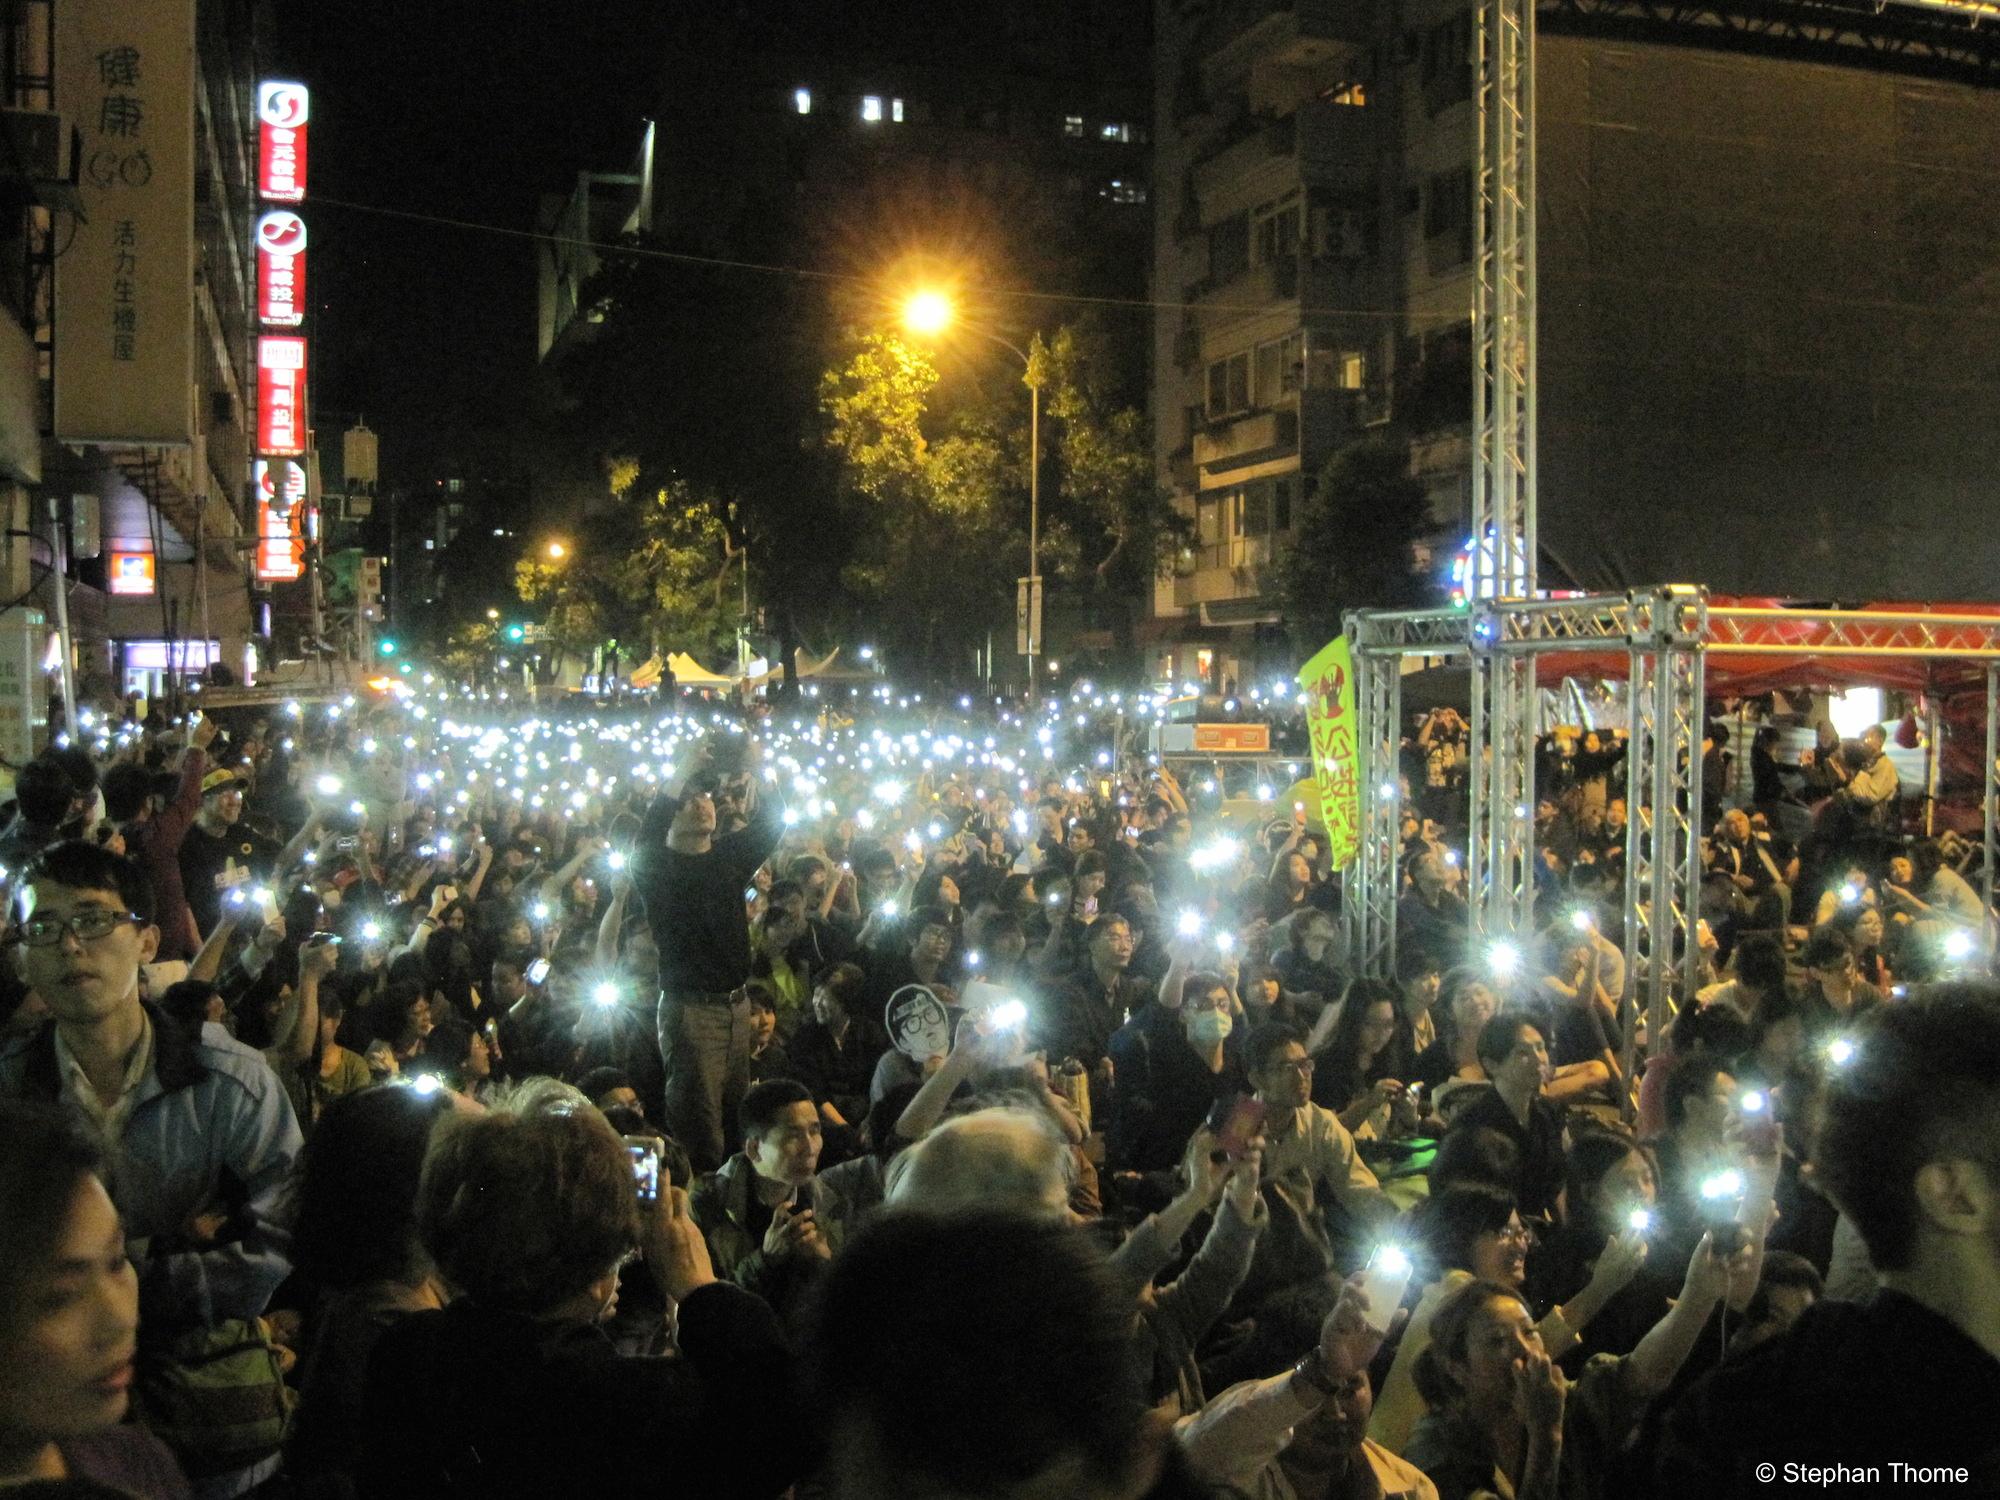 Bei der Abschlusskundgebung fordert ein Sprecher: »Bringt die Demokratie in Taiwan zum Leuchten!«